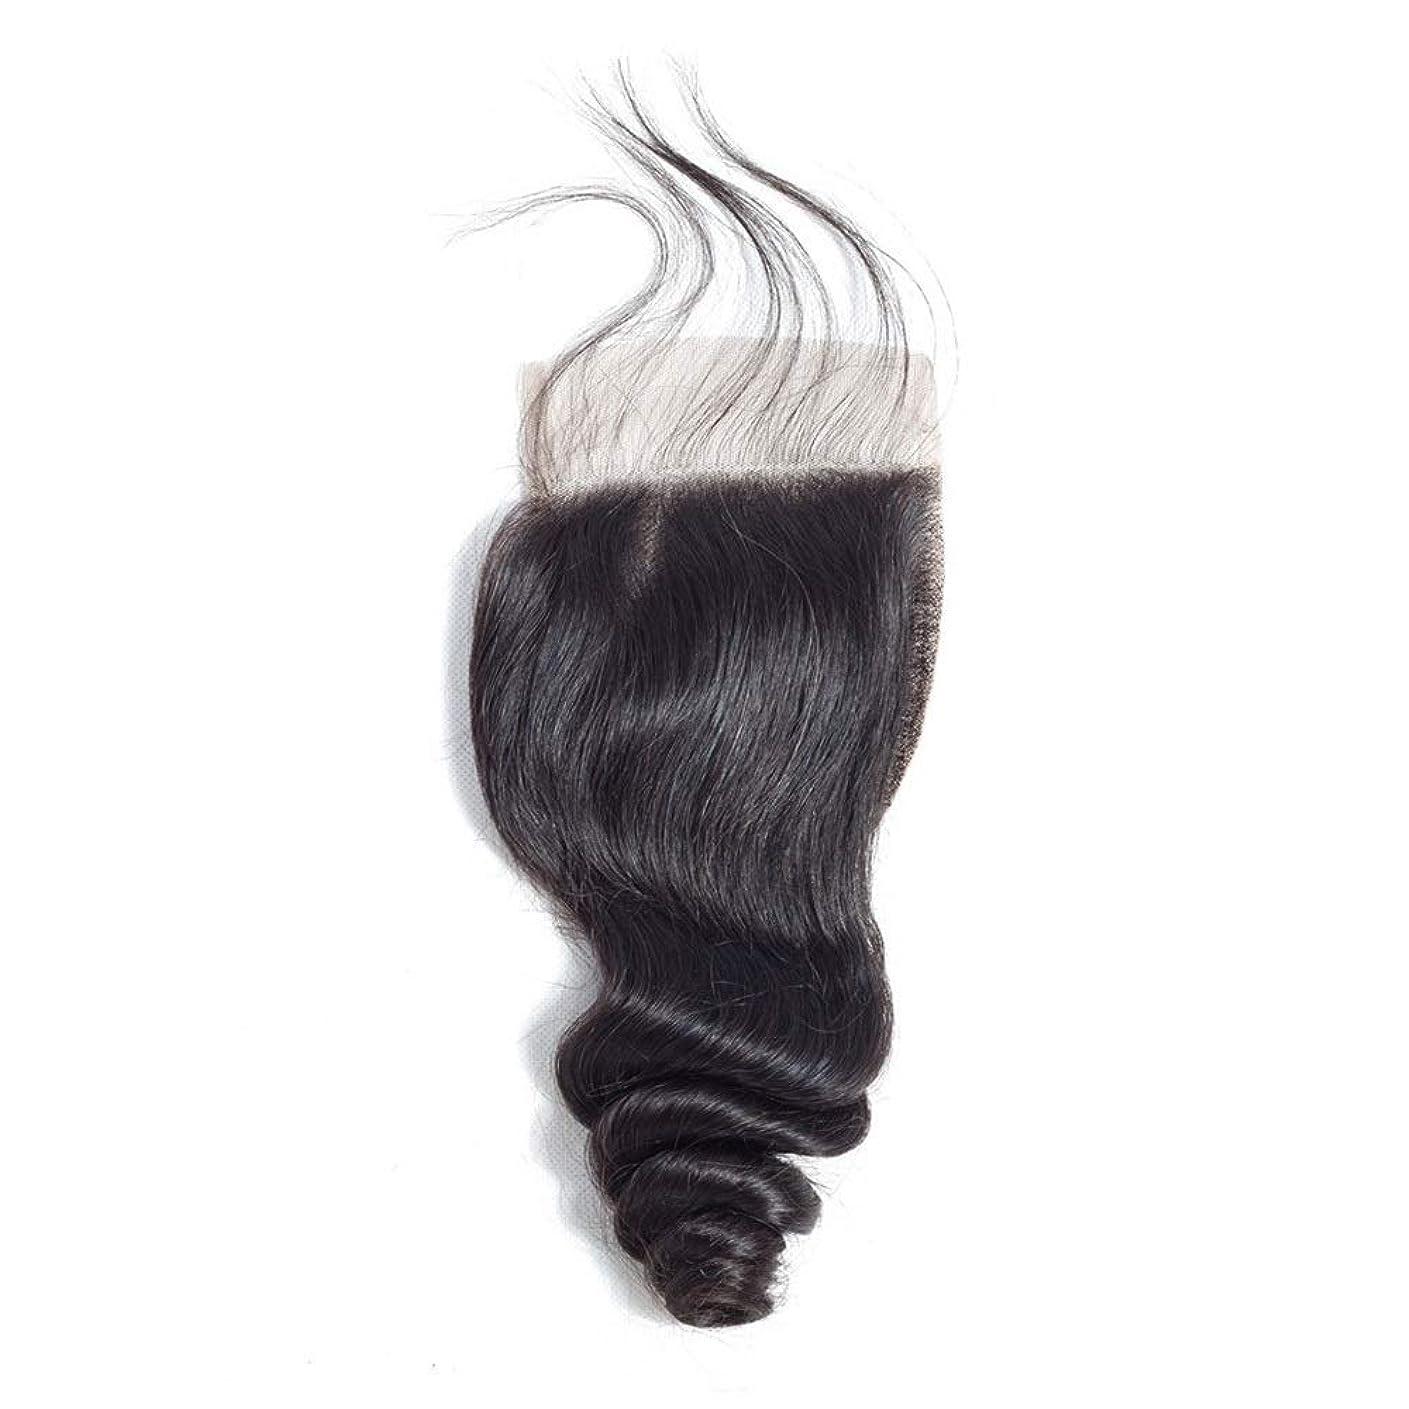 インターネットよろしく前任者HOHYLLYA レースの閉鎖ブラジルの緩い波の髪4×4インチの自由な部分の閉鎖リアル人間の髪の毛の自然な色の長い巻き毛のかつら (色 : 黒, サイズ : 20 inch)